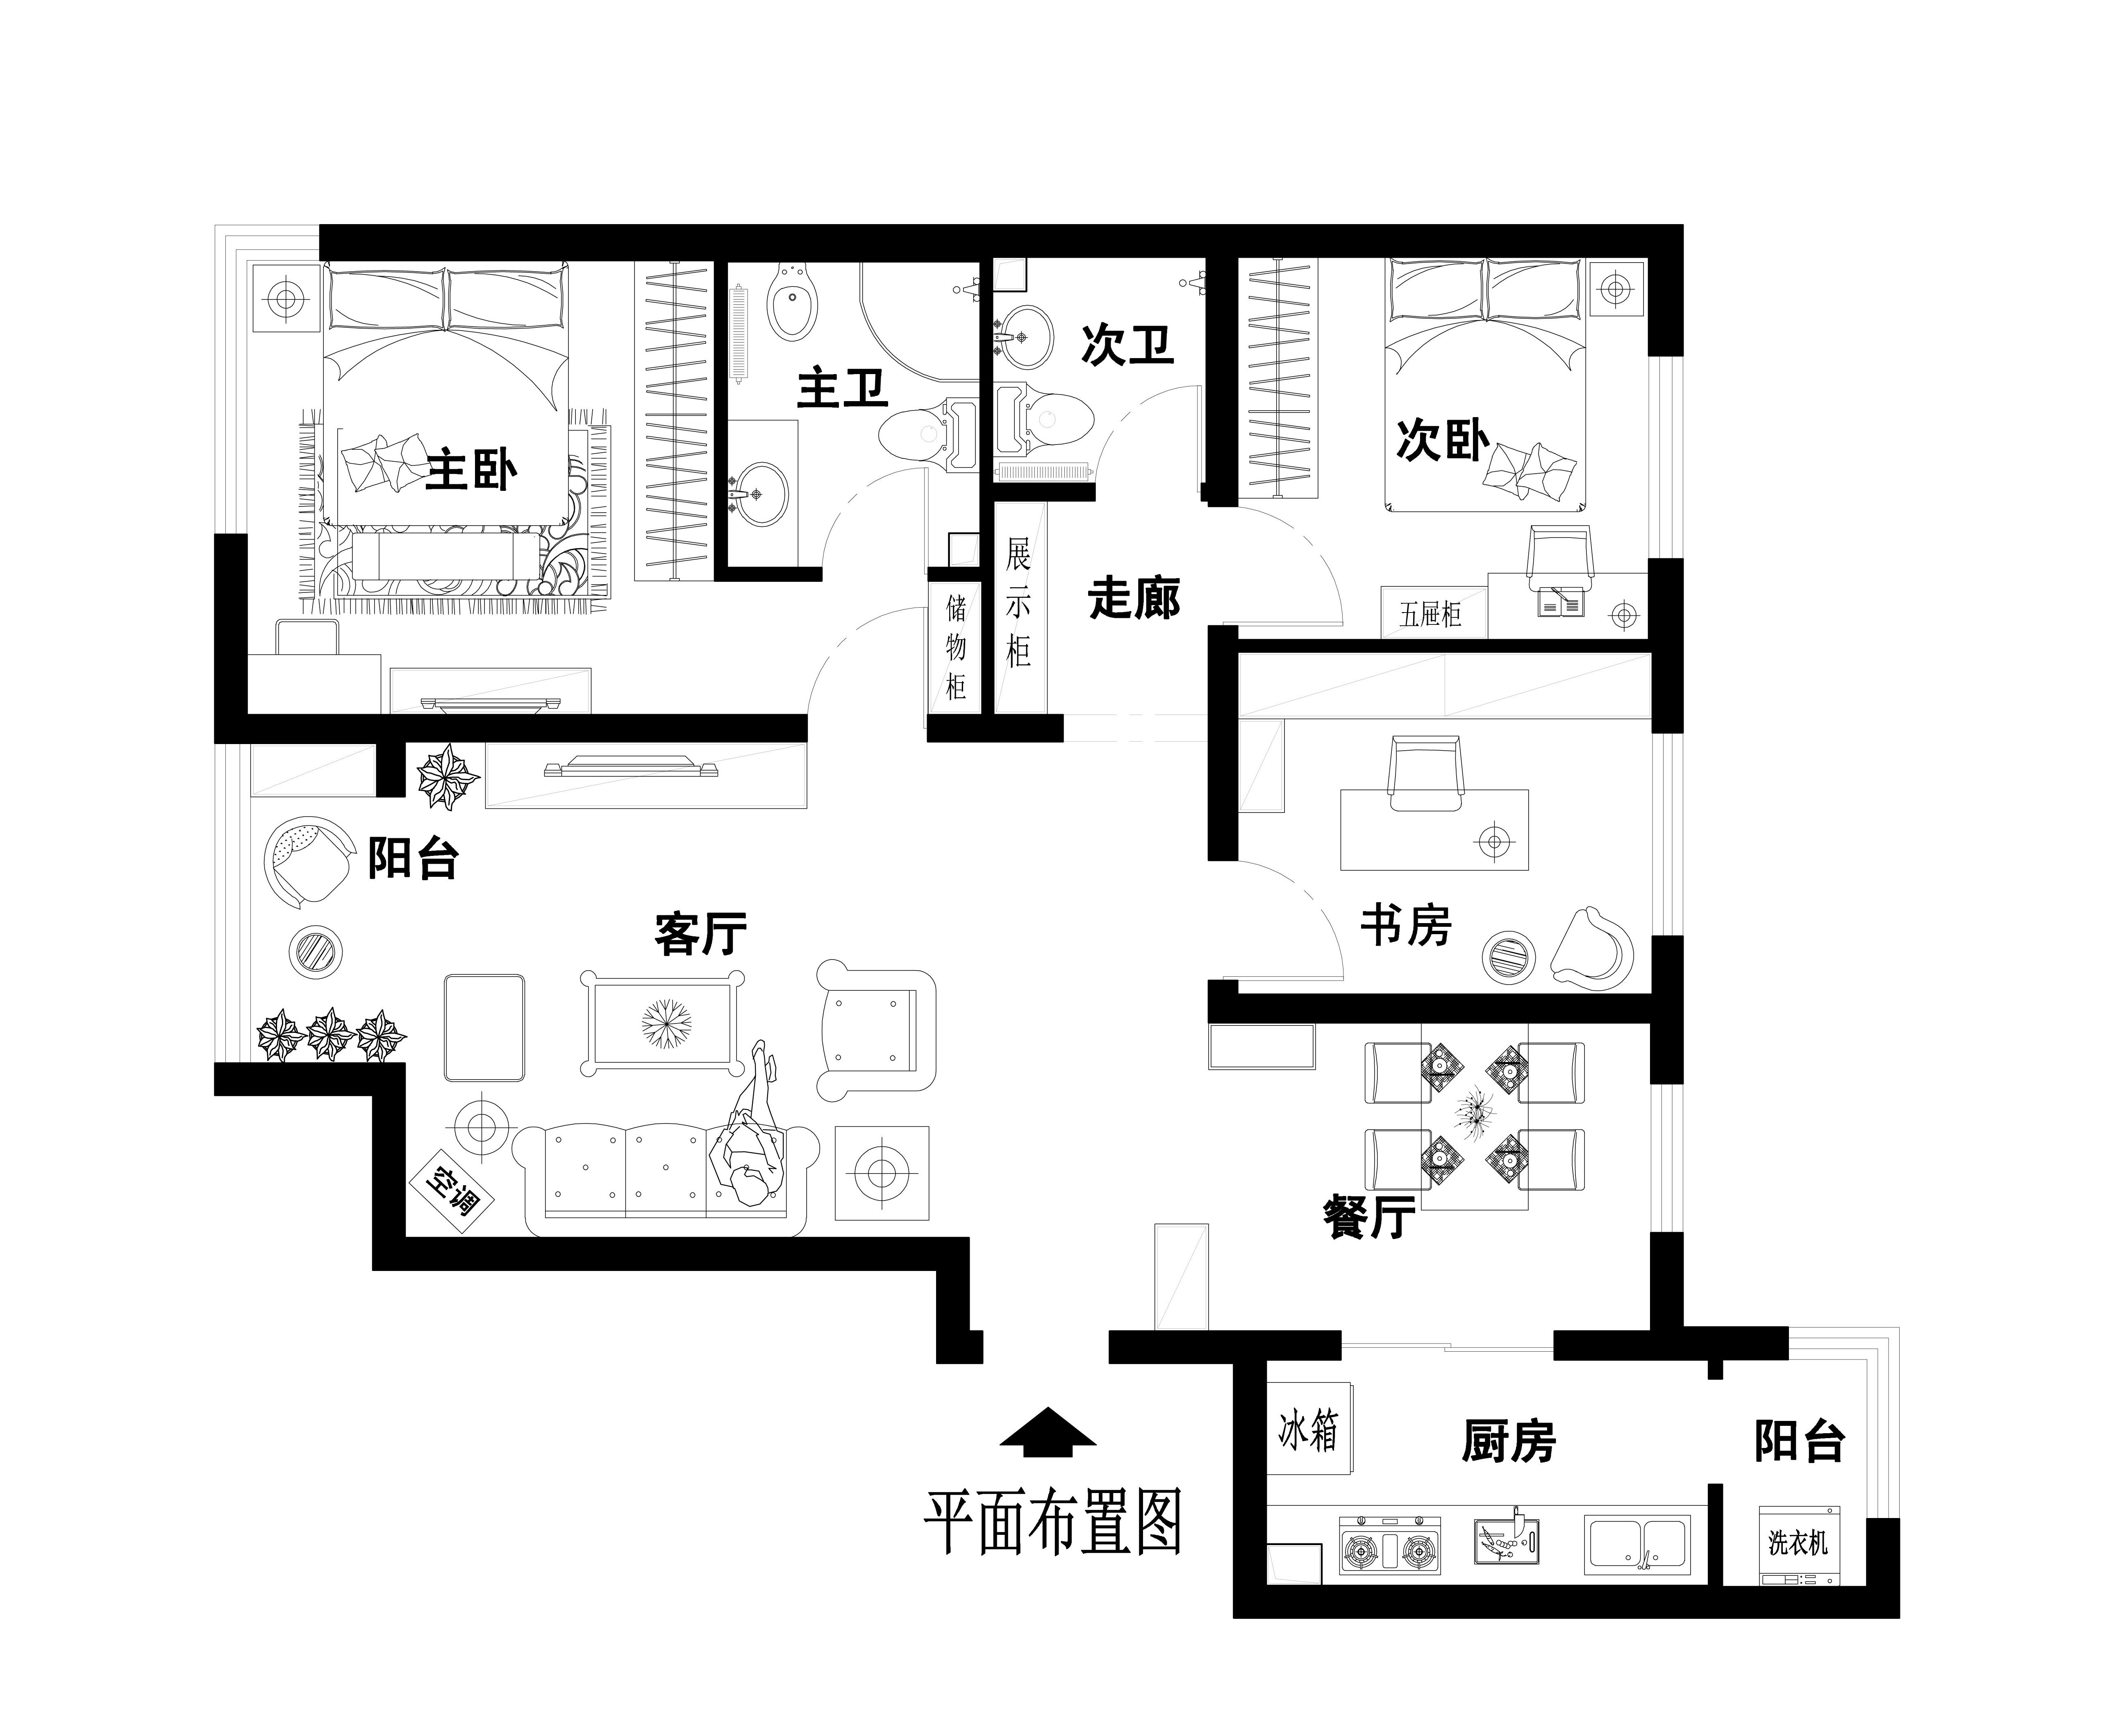 混搭 二居 小户型 上海实创 装修 户型图图片来自孙进进在上海实创装饰两居室小户型混搭风的分享